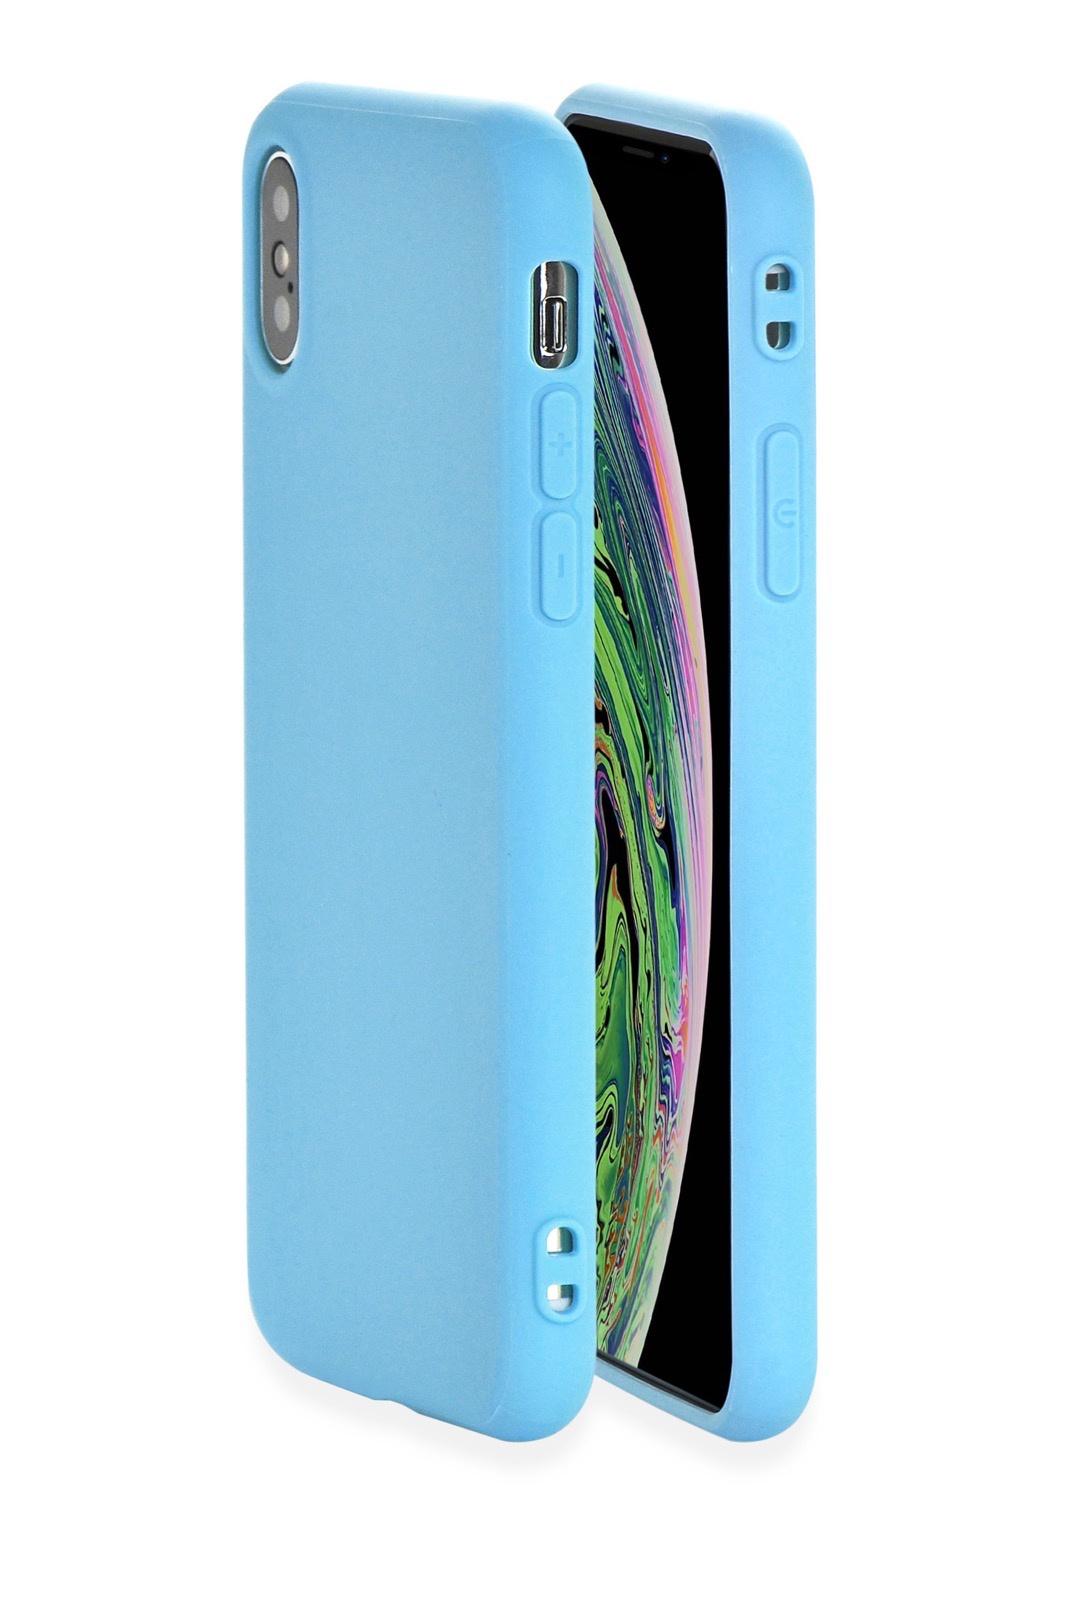 """Чехол для сотового телефона Gurdini Чехол накладка Soft Lux силикон (9) для Apple iPhone XS Max 6.5"""",907122, голубой, голубой"""